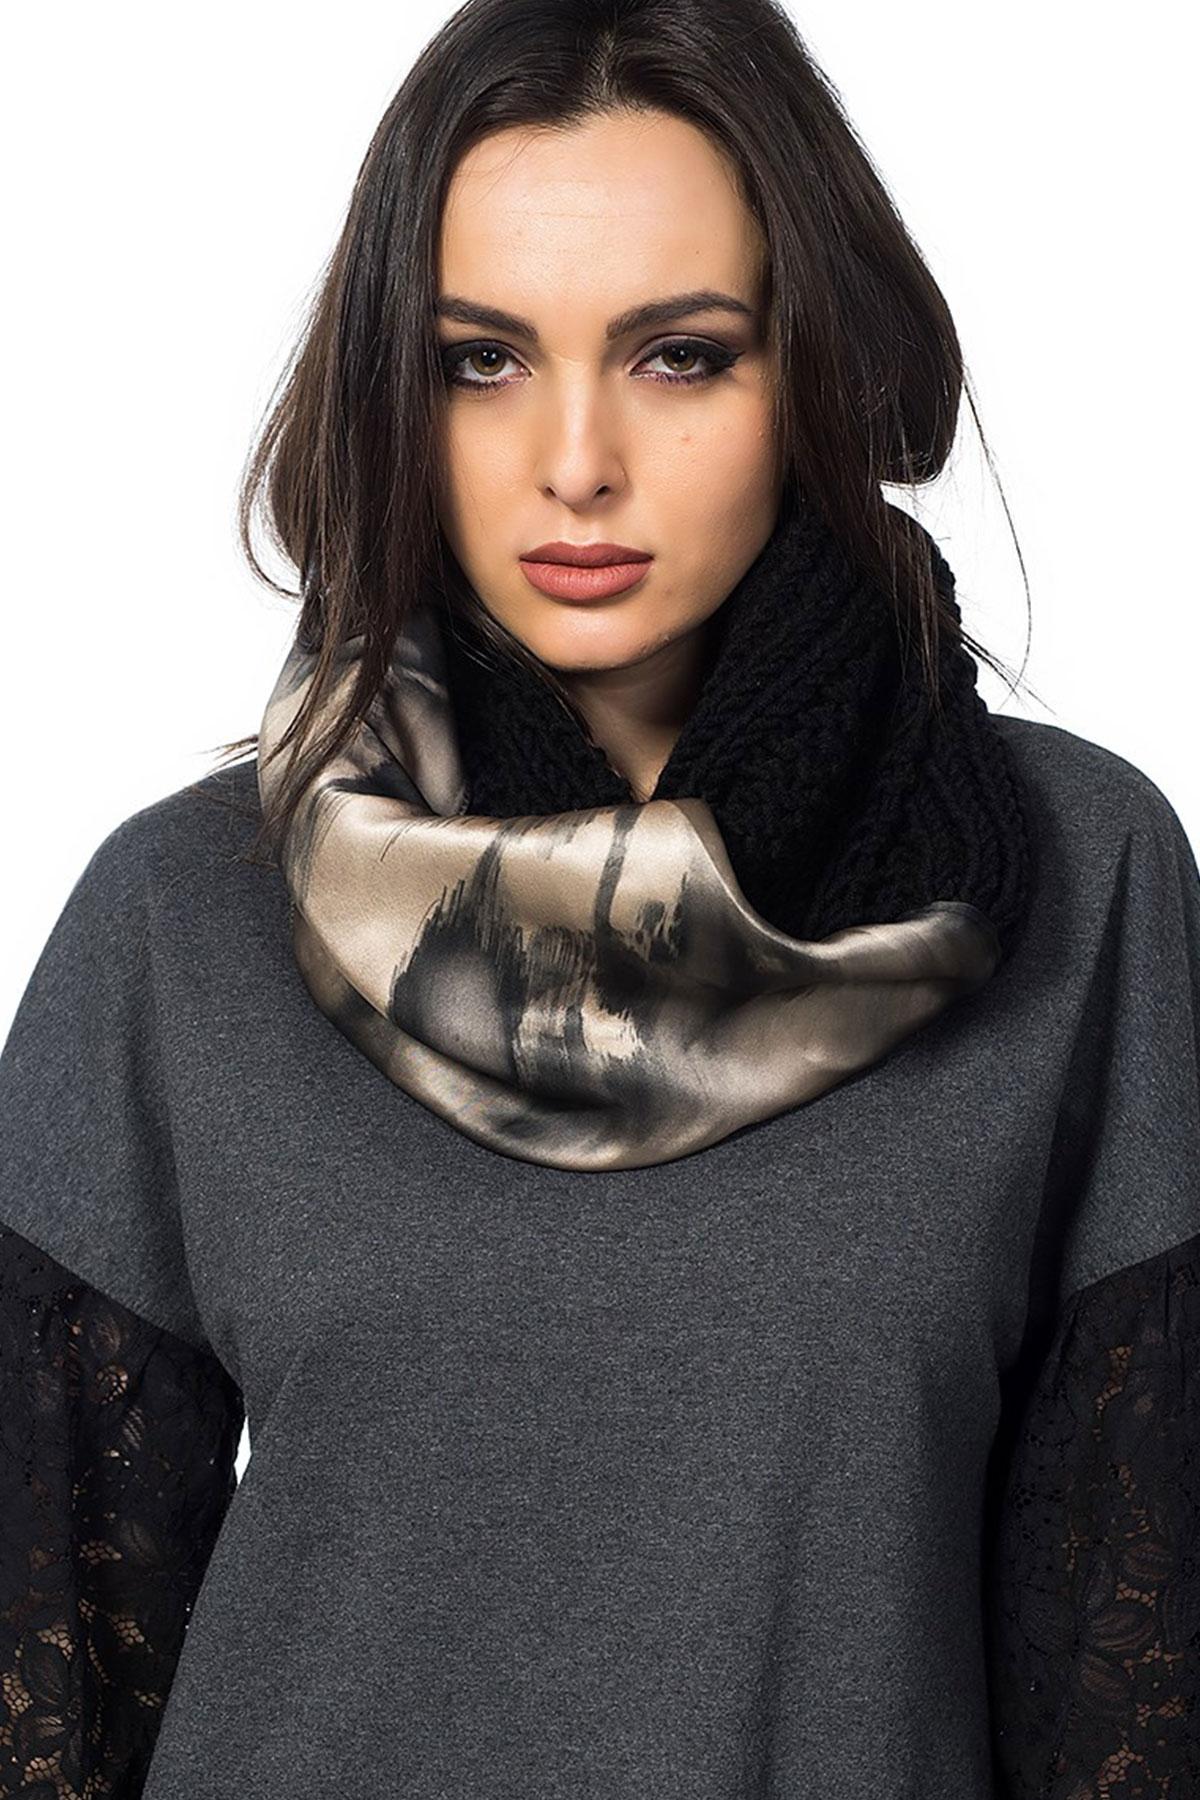 Дамски шал от вълна и коприна Winter touch- black / Décollage